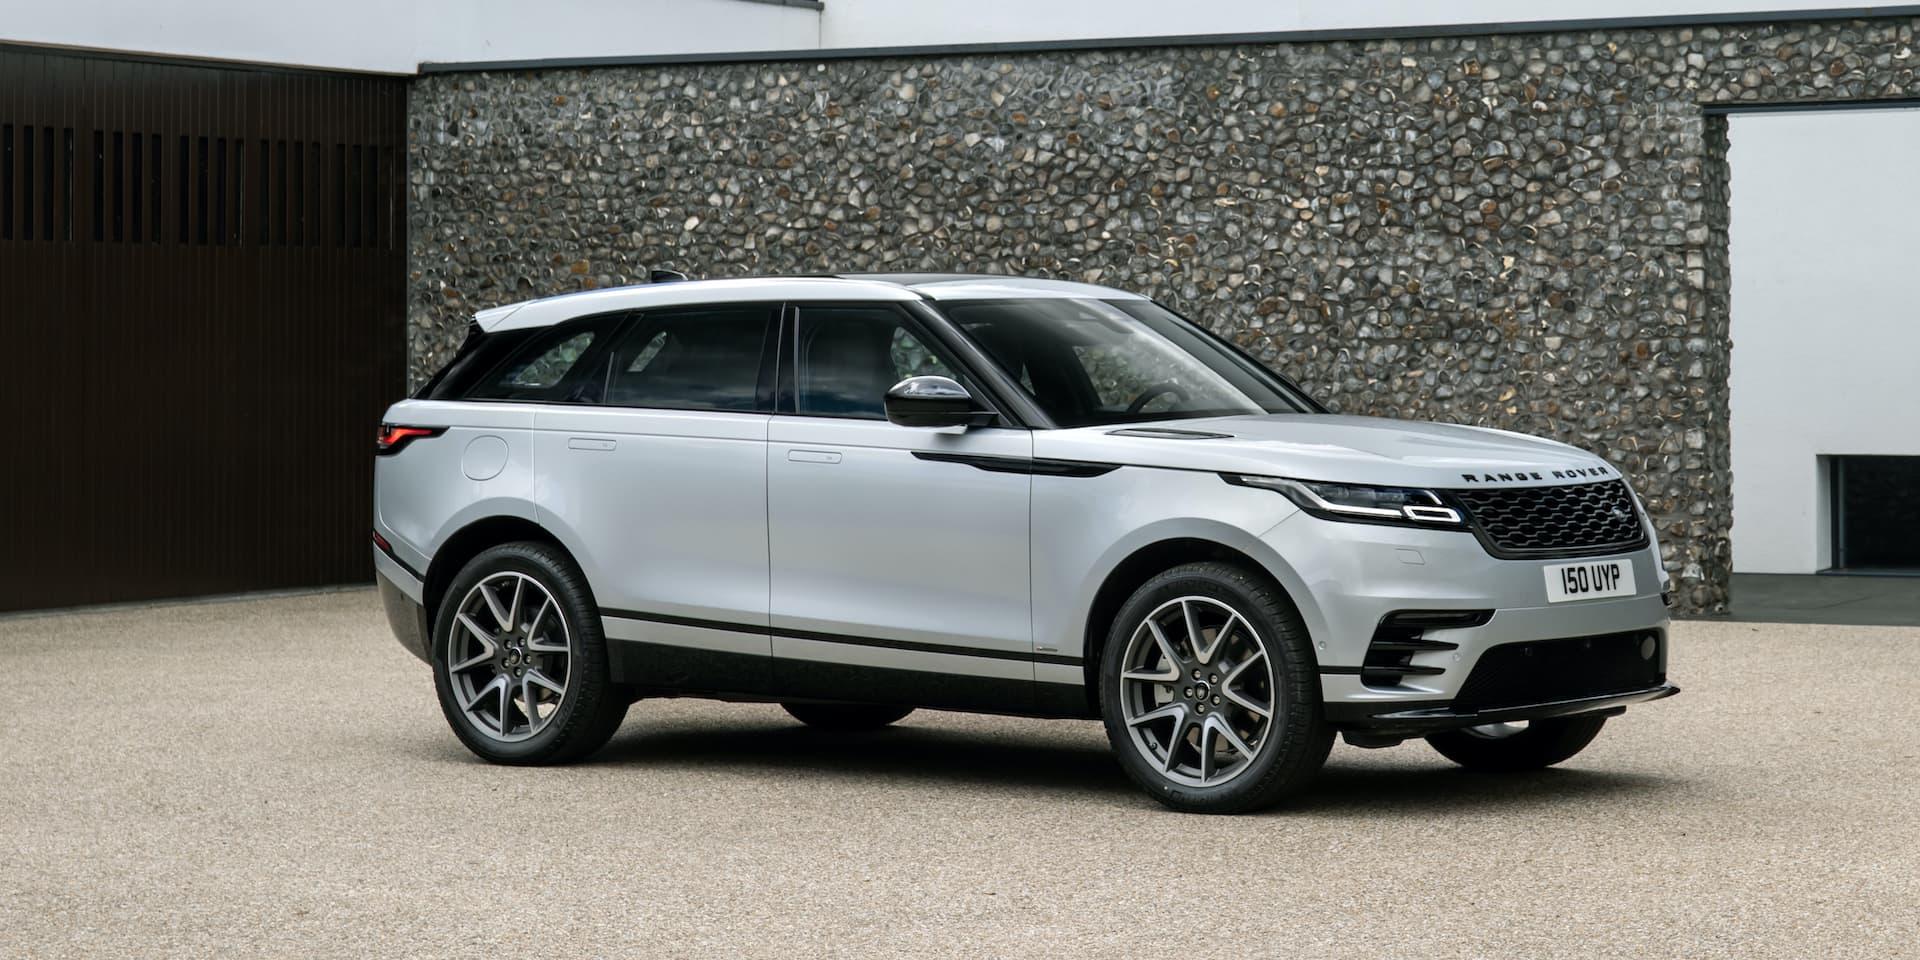 Range Rover Velar (2017 onwards) Expert Rating